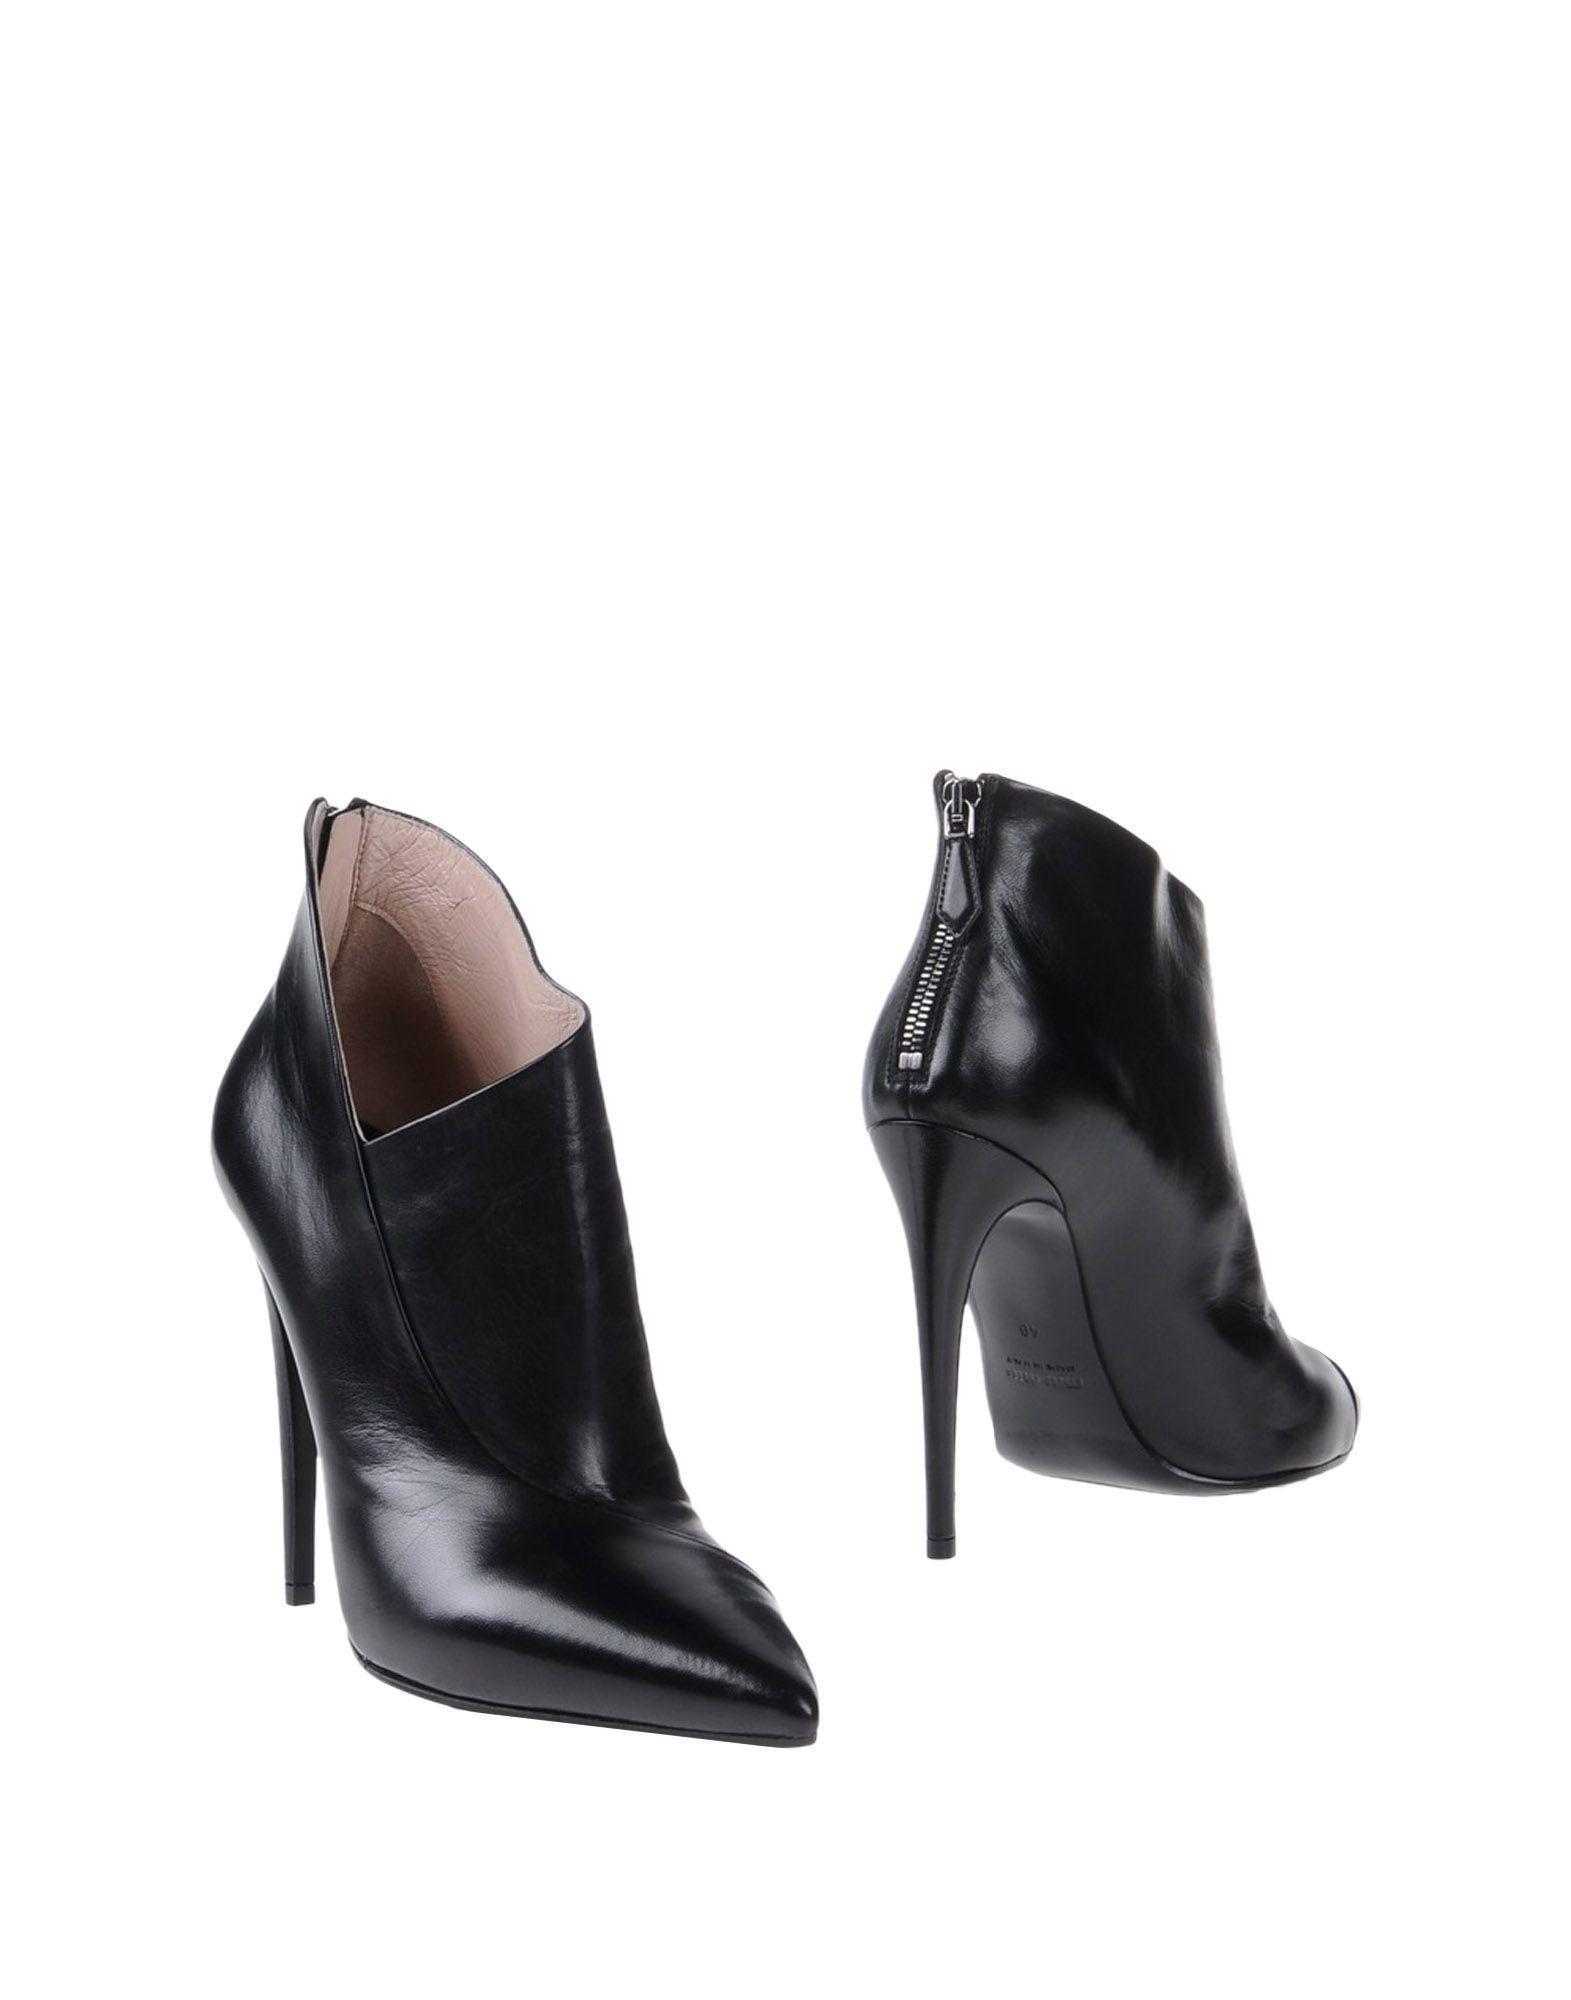 Miu Miu Stiefelette Damen  11013442RR Beliebte Schuhe